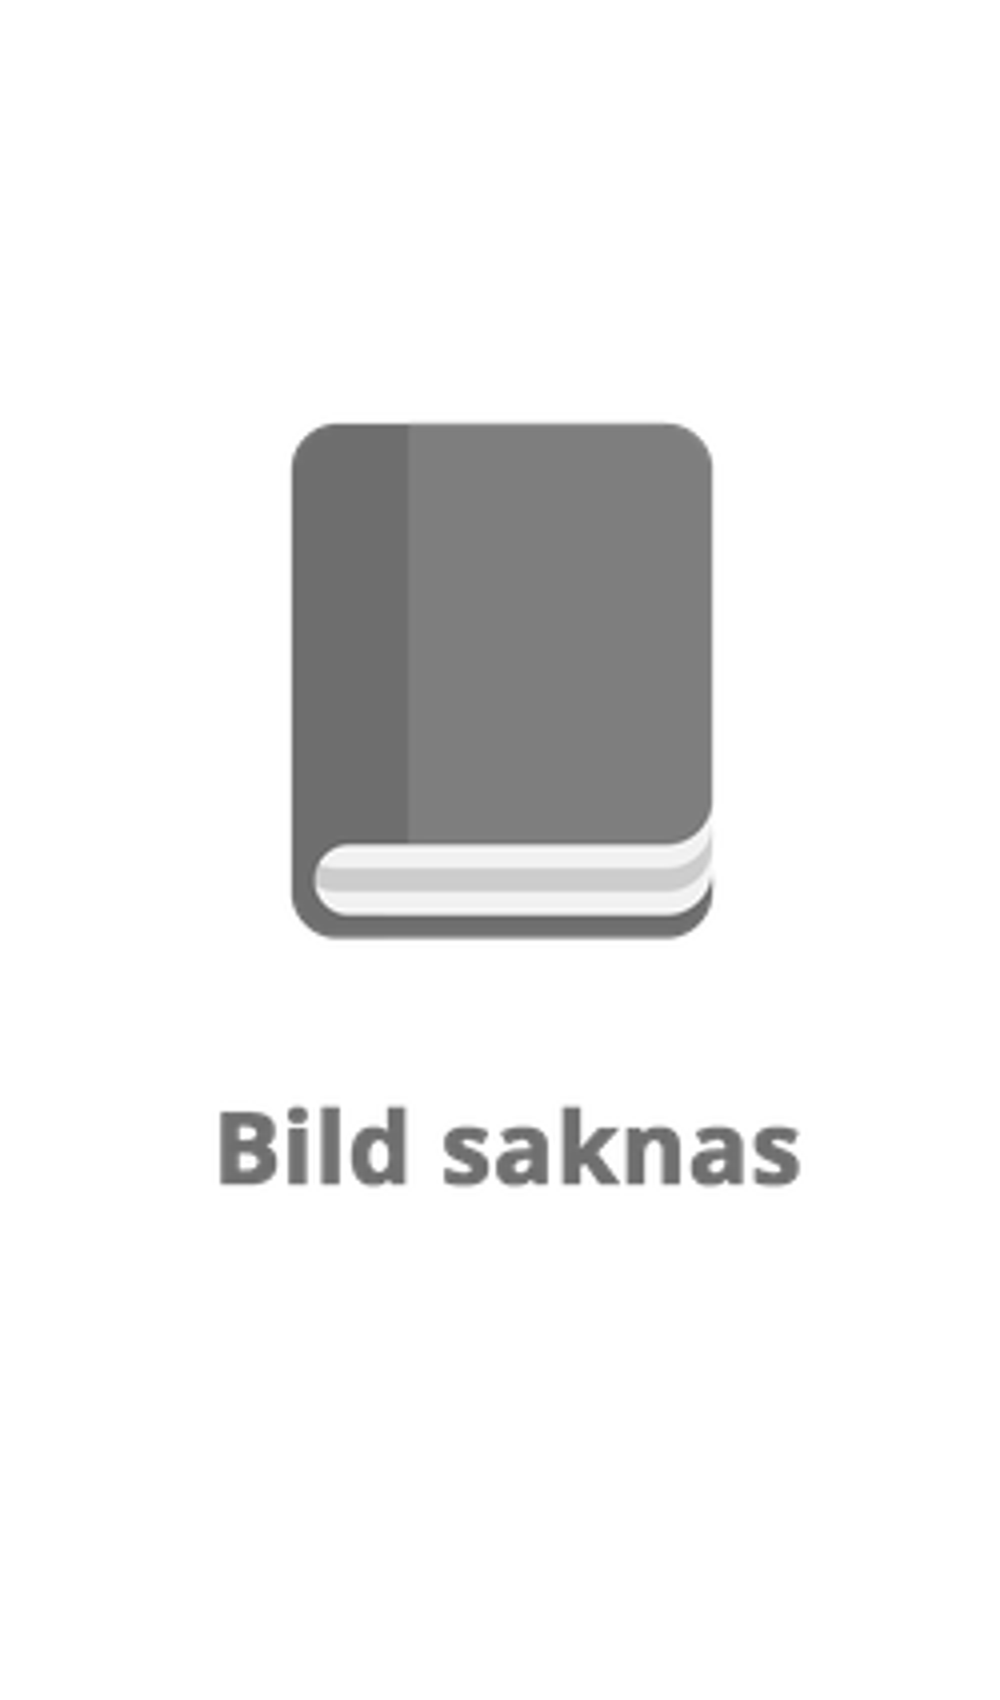 MultiTräna : räknemetoder. 1. H. 1, Talområde 0-10 : taluppfattning, talkamrater, symbolspråket + - =